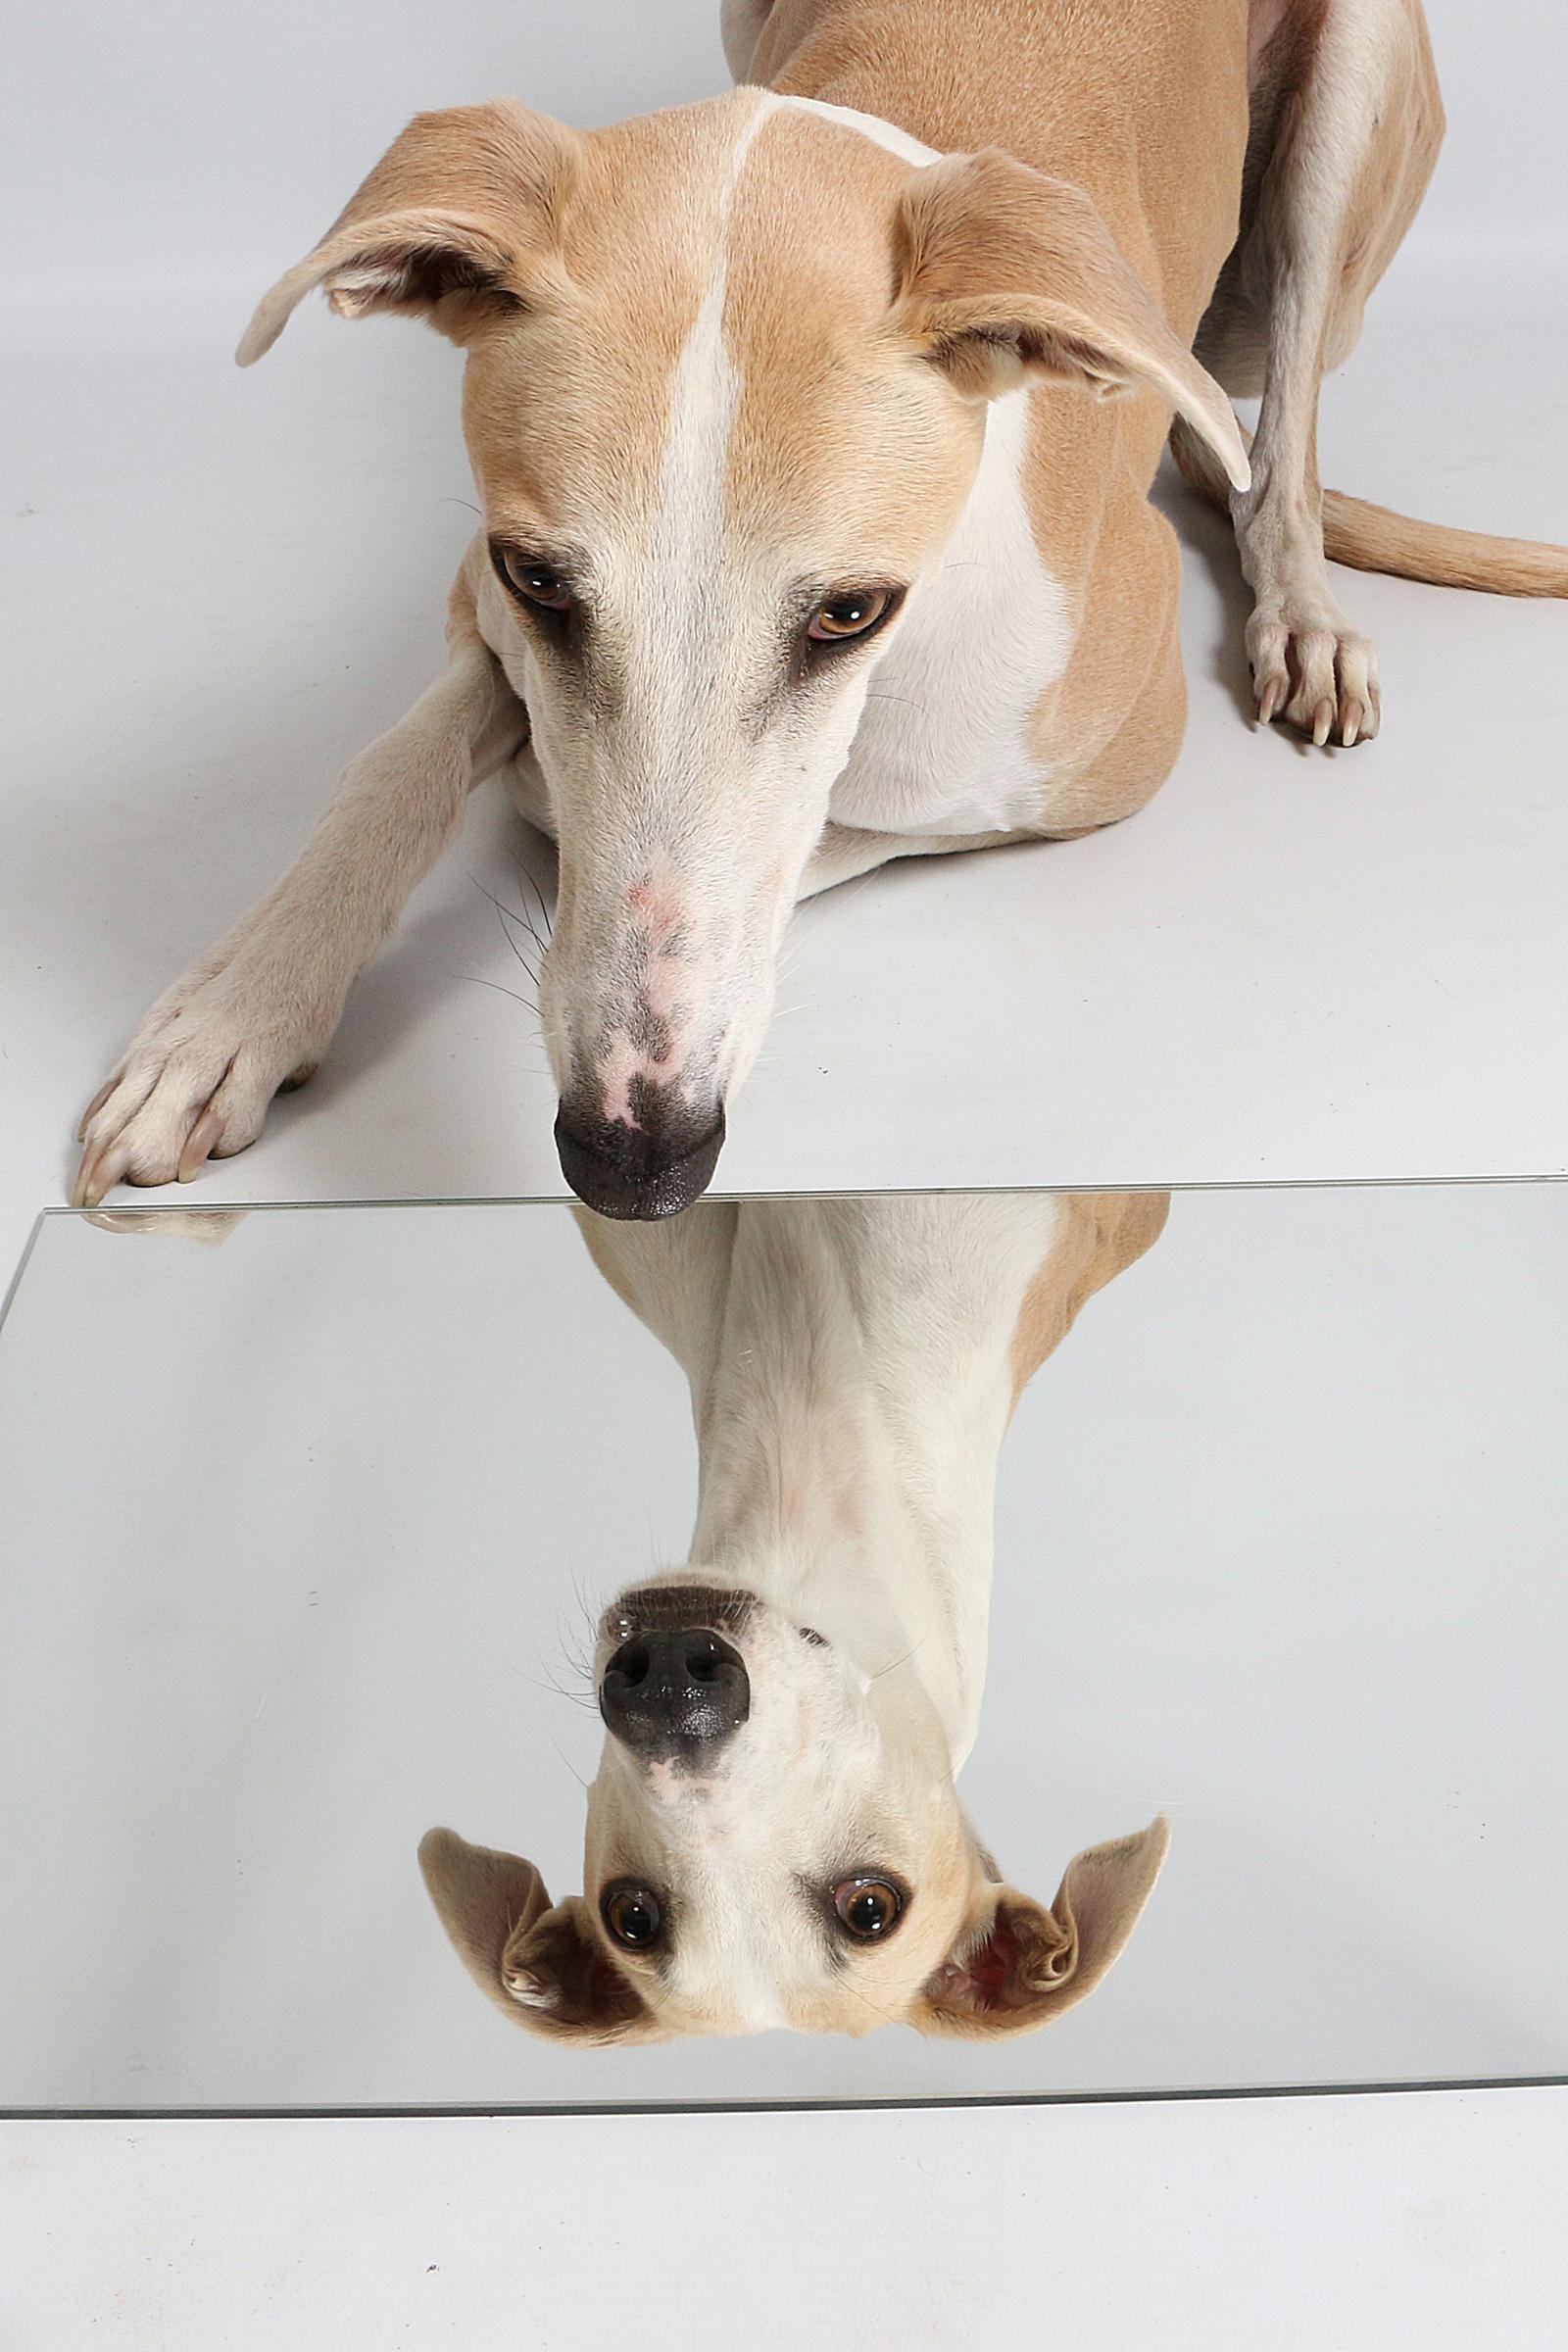 kutyát figyelt)